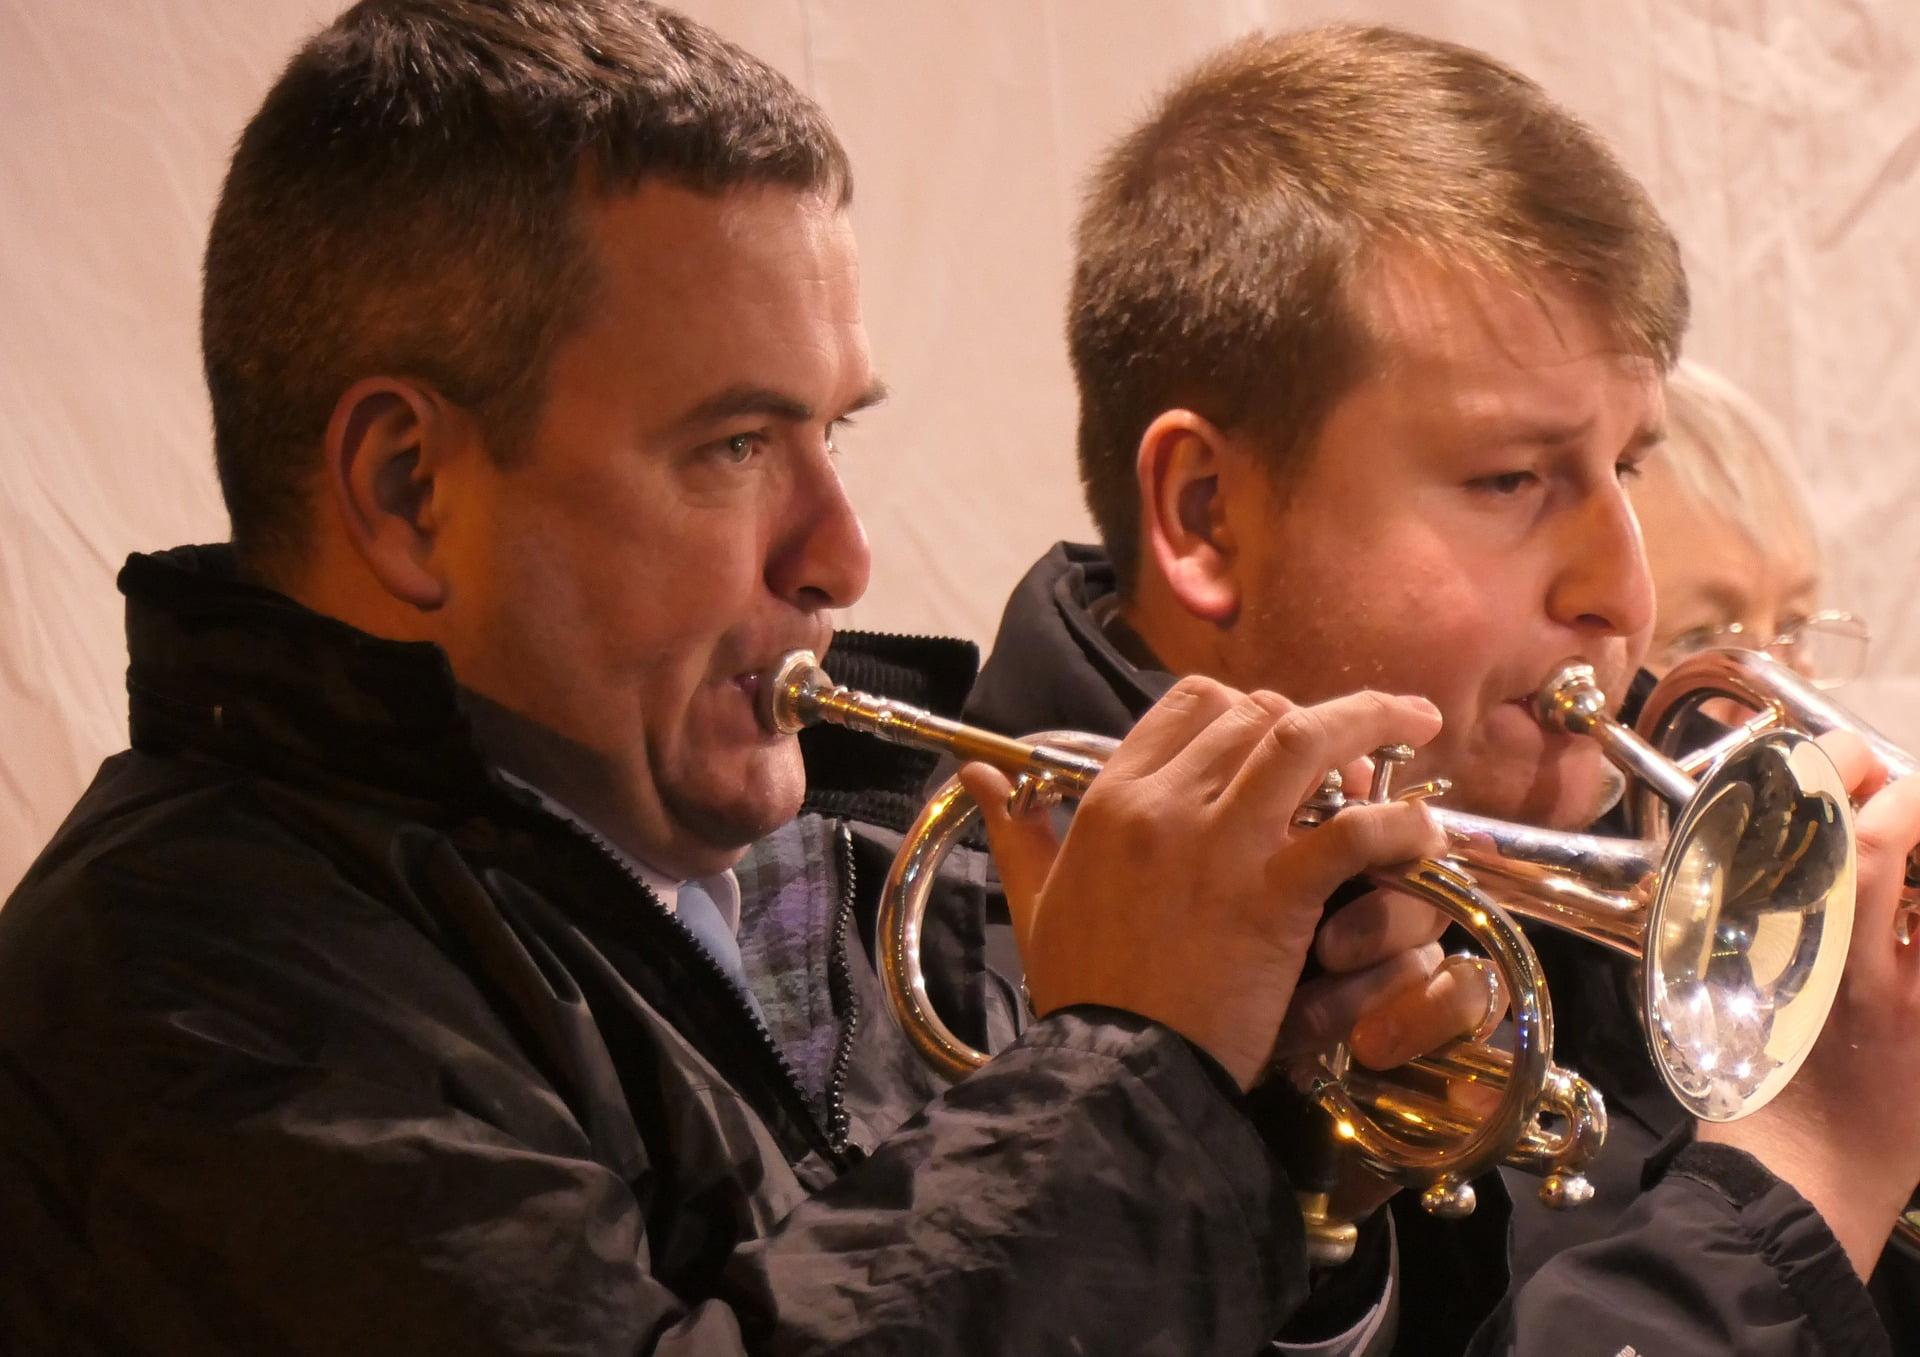 吹奏楽部あるある体験 サックスとネタと面白いこと